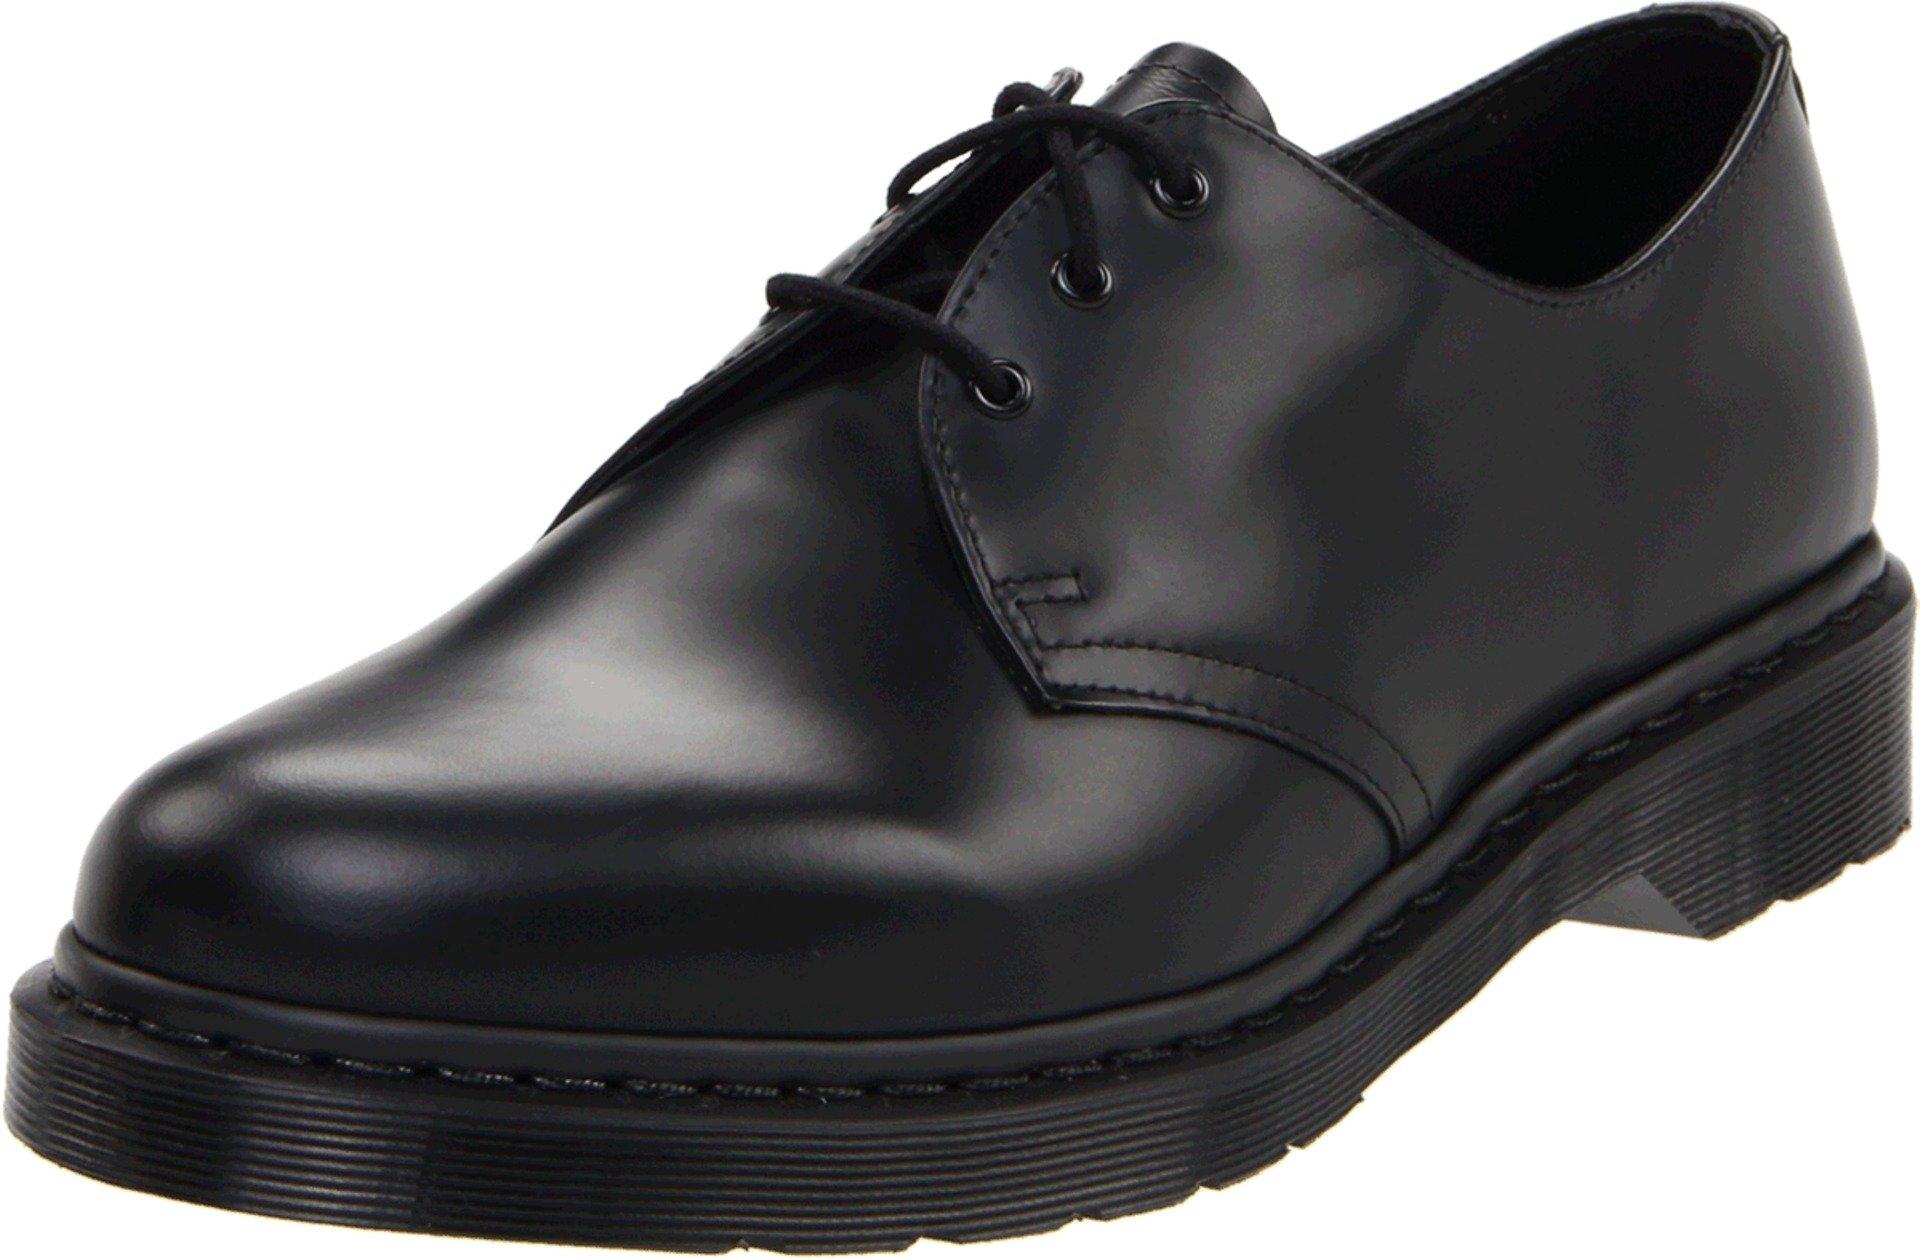 Dr. Martens 1461 Shoe,Black Smooth,9 UK/10 M US